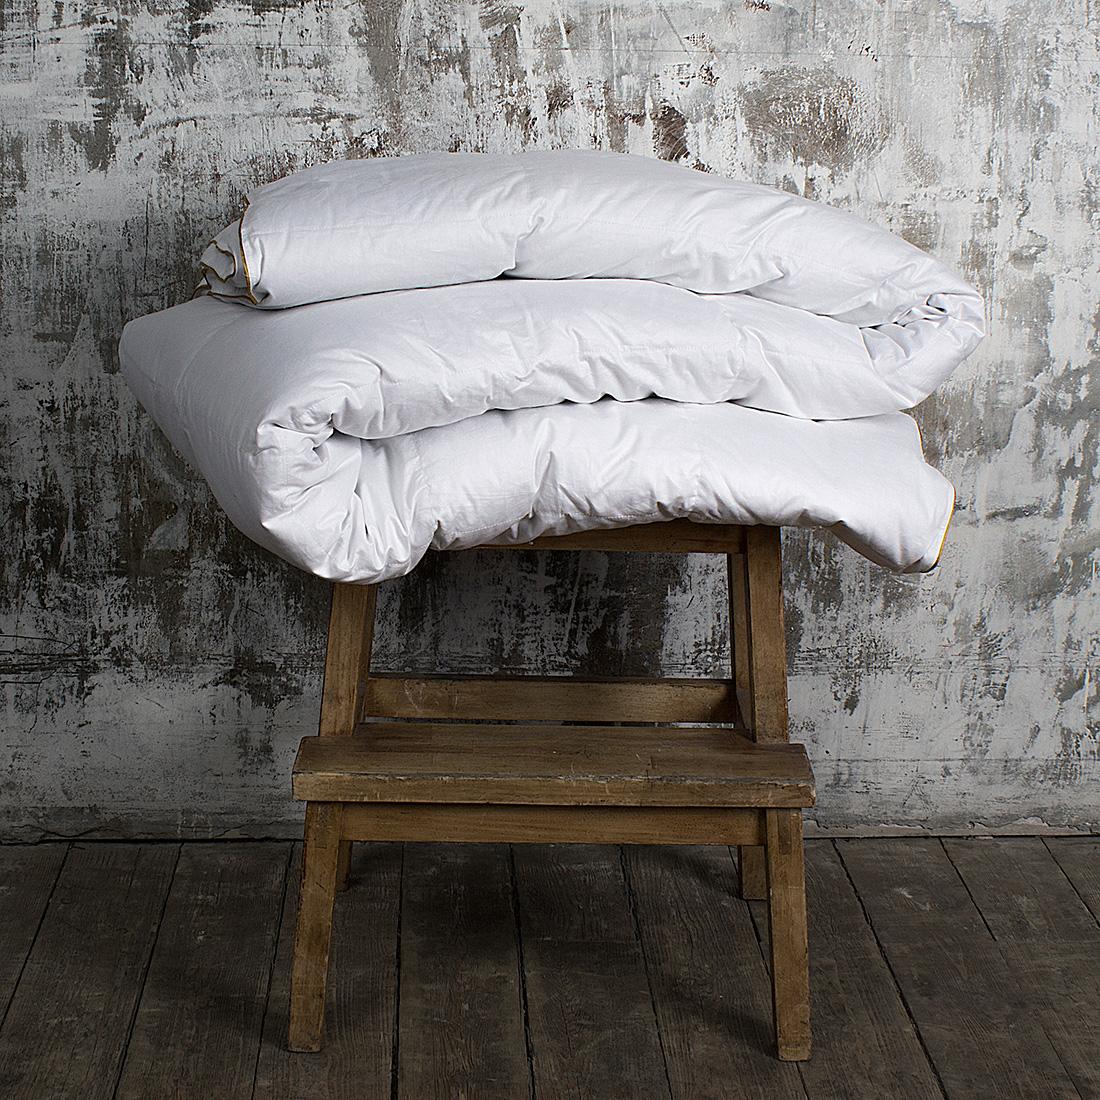 Одеяла William Roberts Кассетное одеяло Graceful Down Теплое (200х220 см) одеяла william roberts одеяло essential bamboo всесезонное 155х200 см